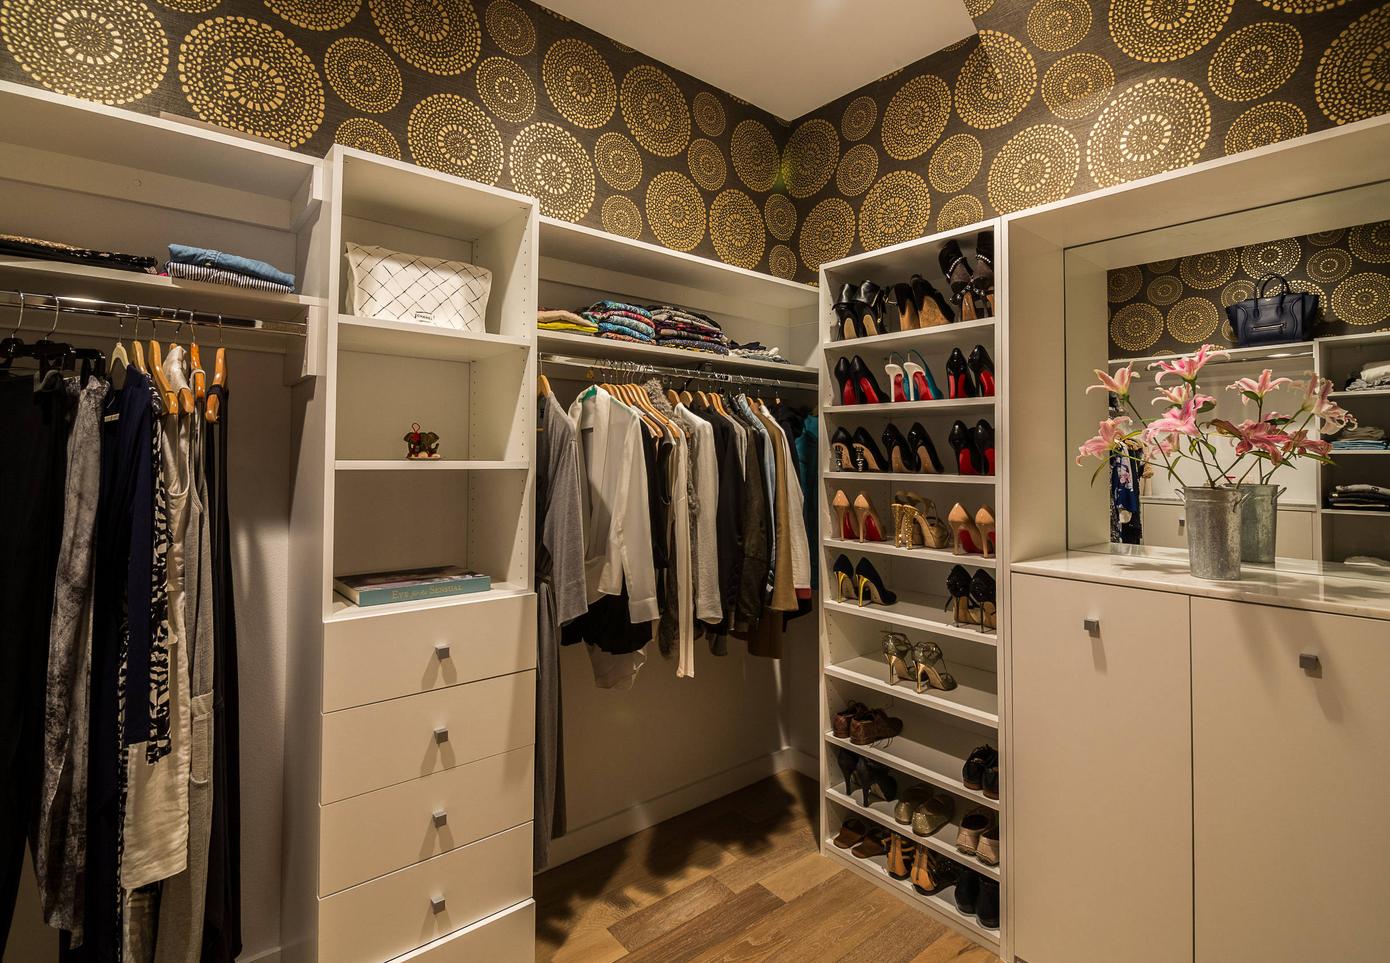 фото гардеробных комнат реальные также встретилась съемочной